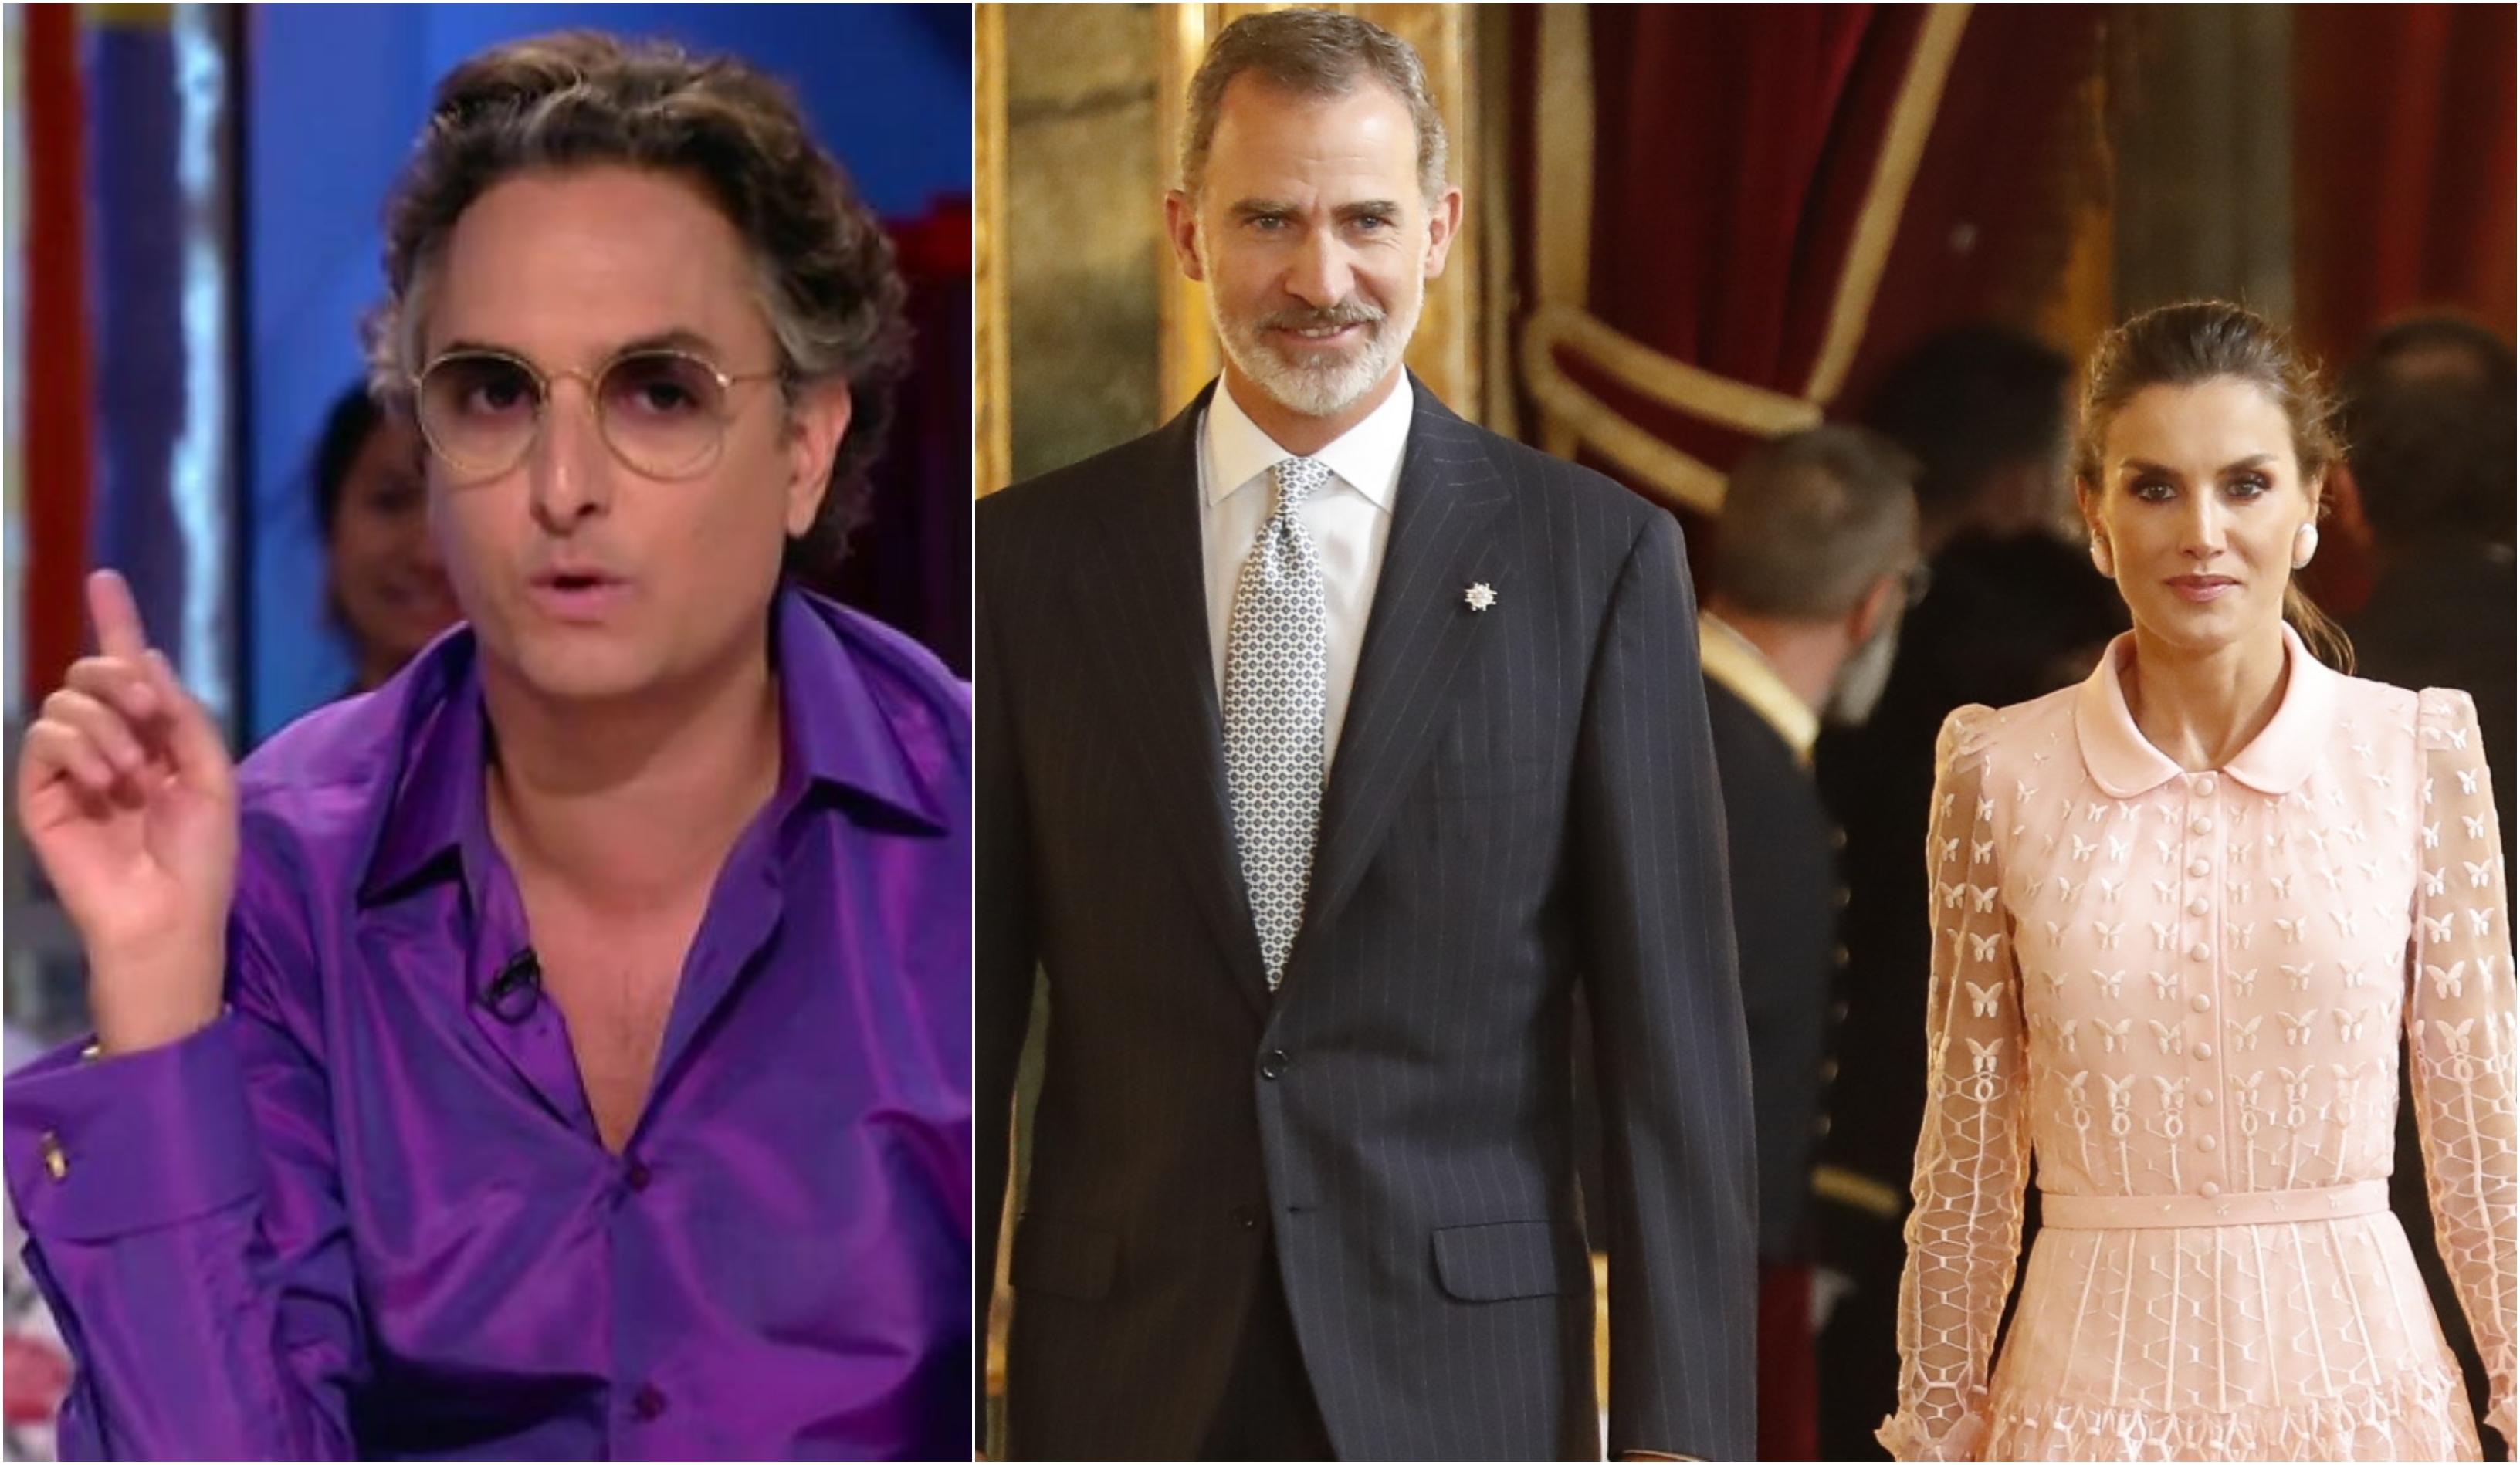 """Los retoques de la reina Letizia o cómo 'hacerle un traje' en Zapeando: """"Está muy bien hecha gracias a la ayuda de los quirófanos"""""""